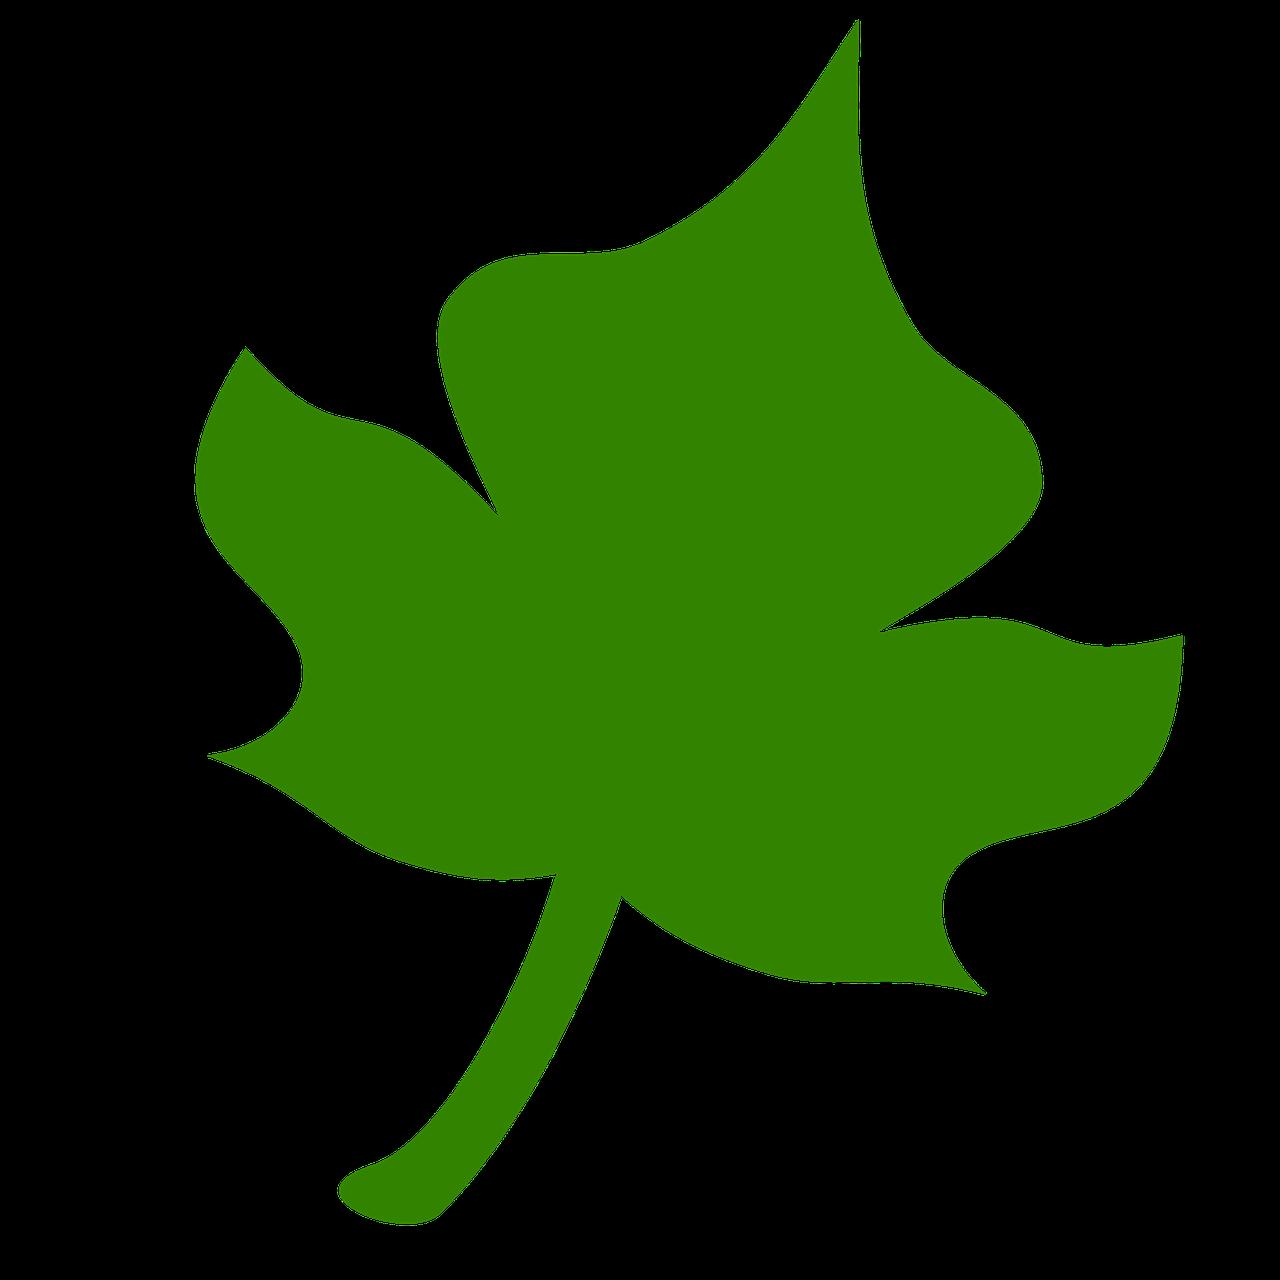 плюсы зеленые листья картинки для оформления распечатать и вырезать оригинальная подача одного